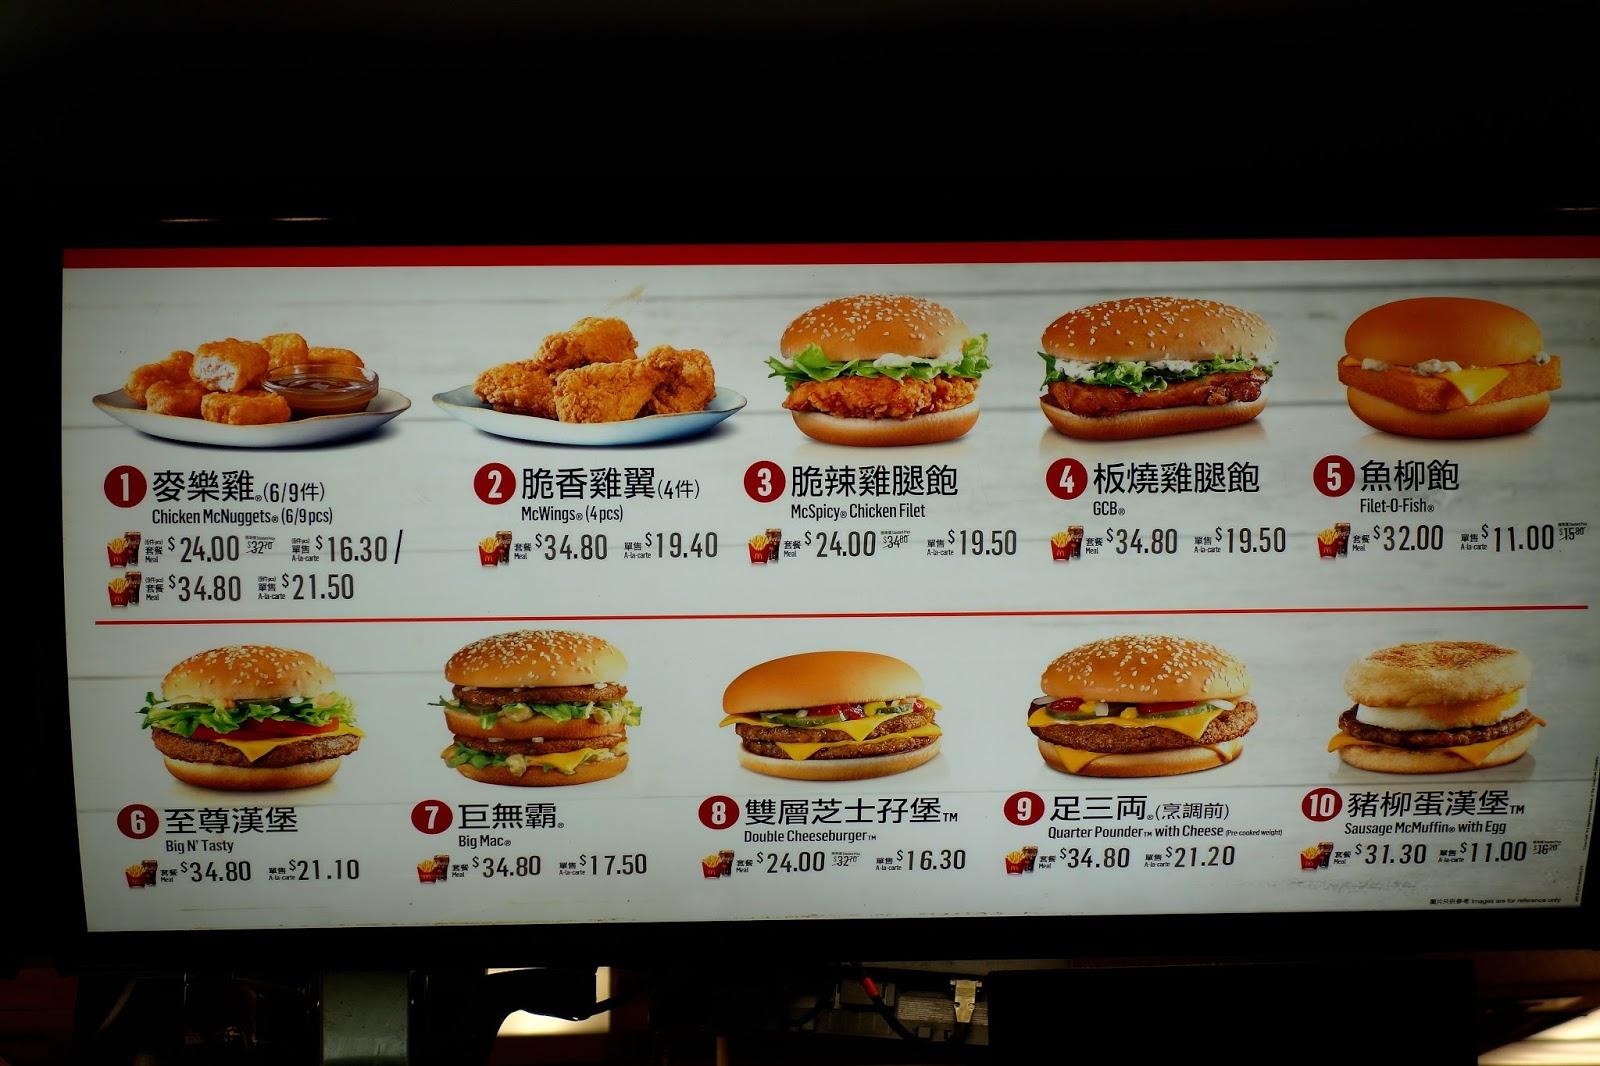 外國月亮: 麥當勞套餐超值大比拼